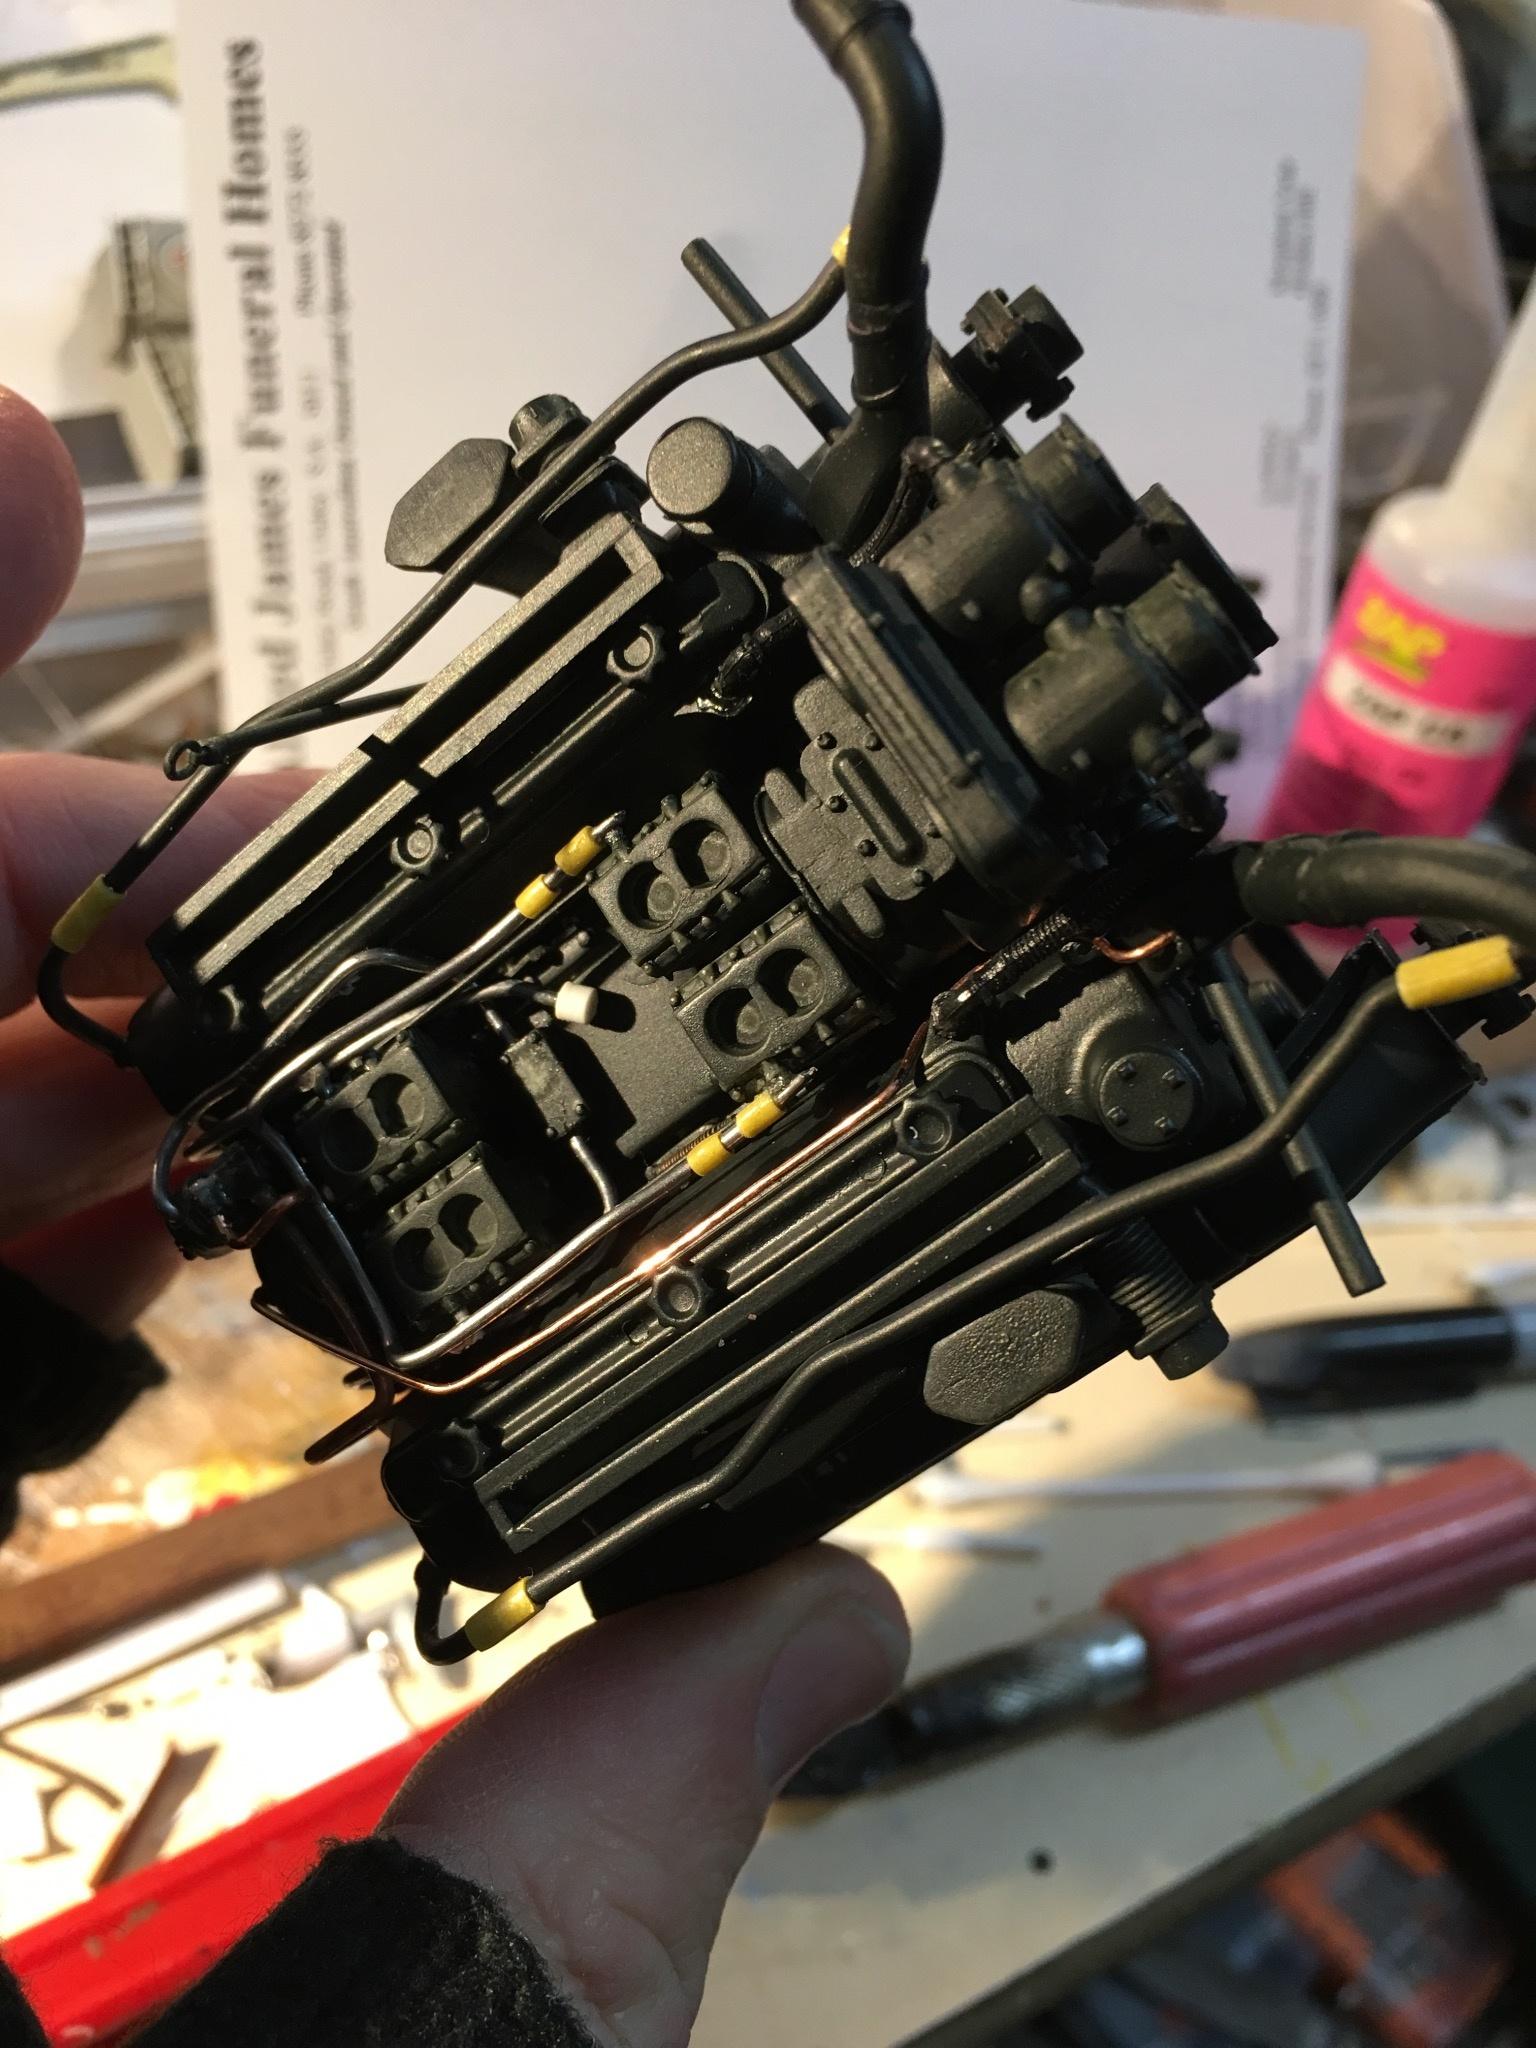 0578B22F-AC75-43CC-9BD2-60B6B404312B.jpeg